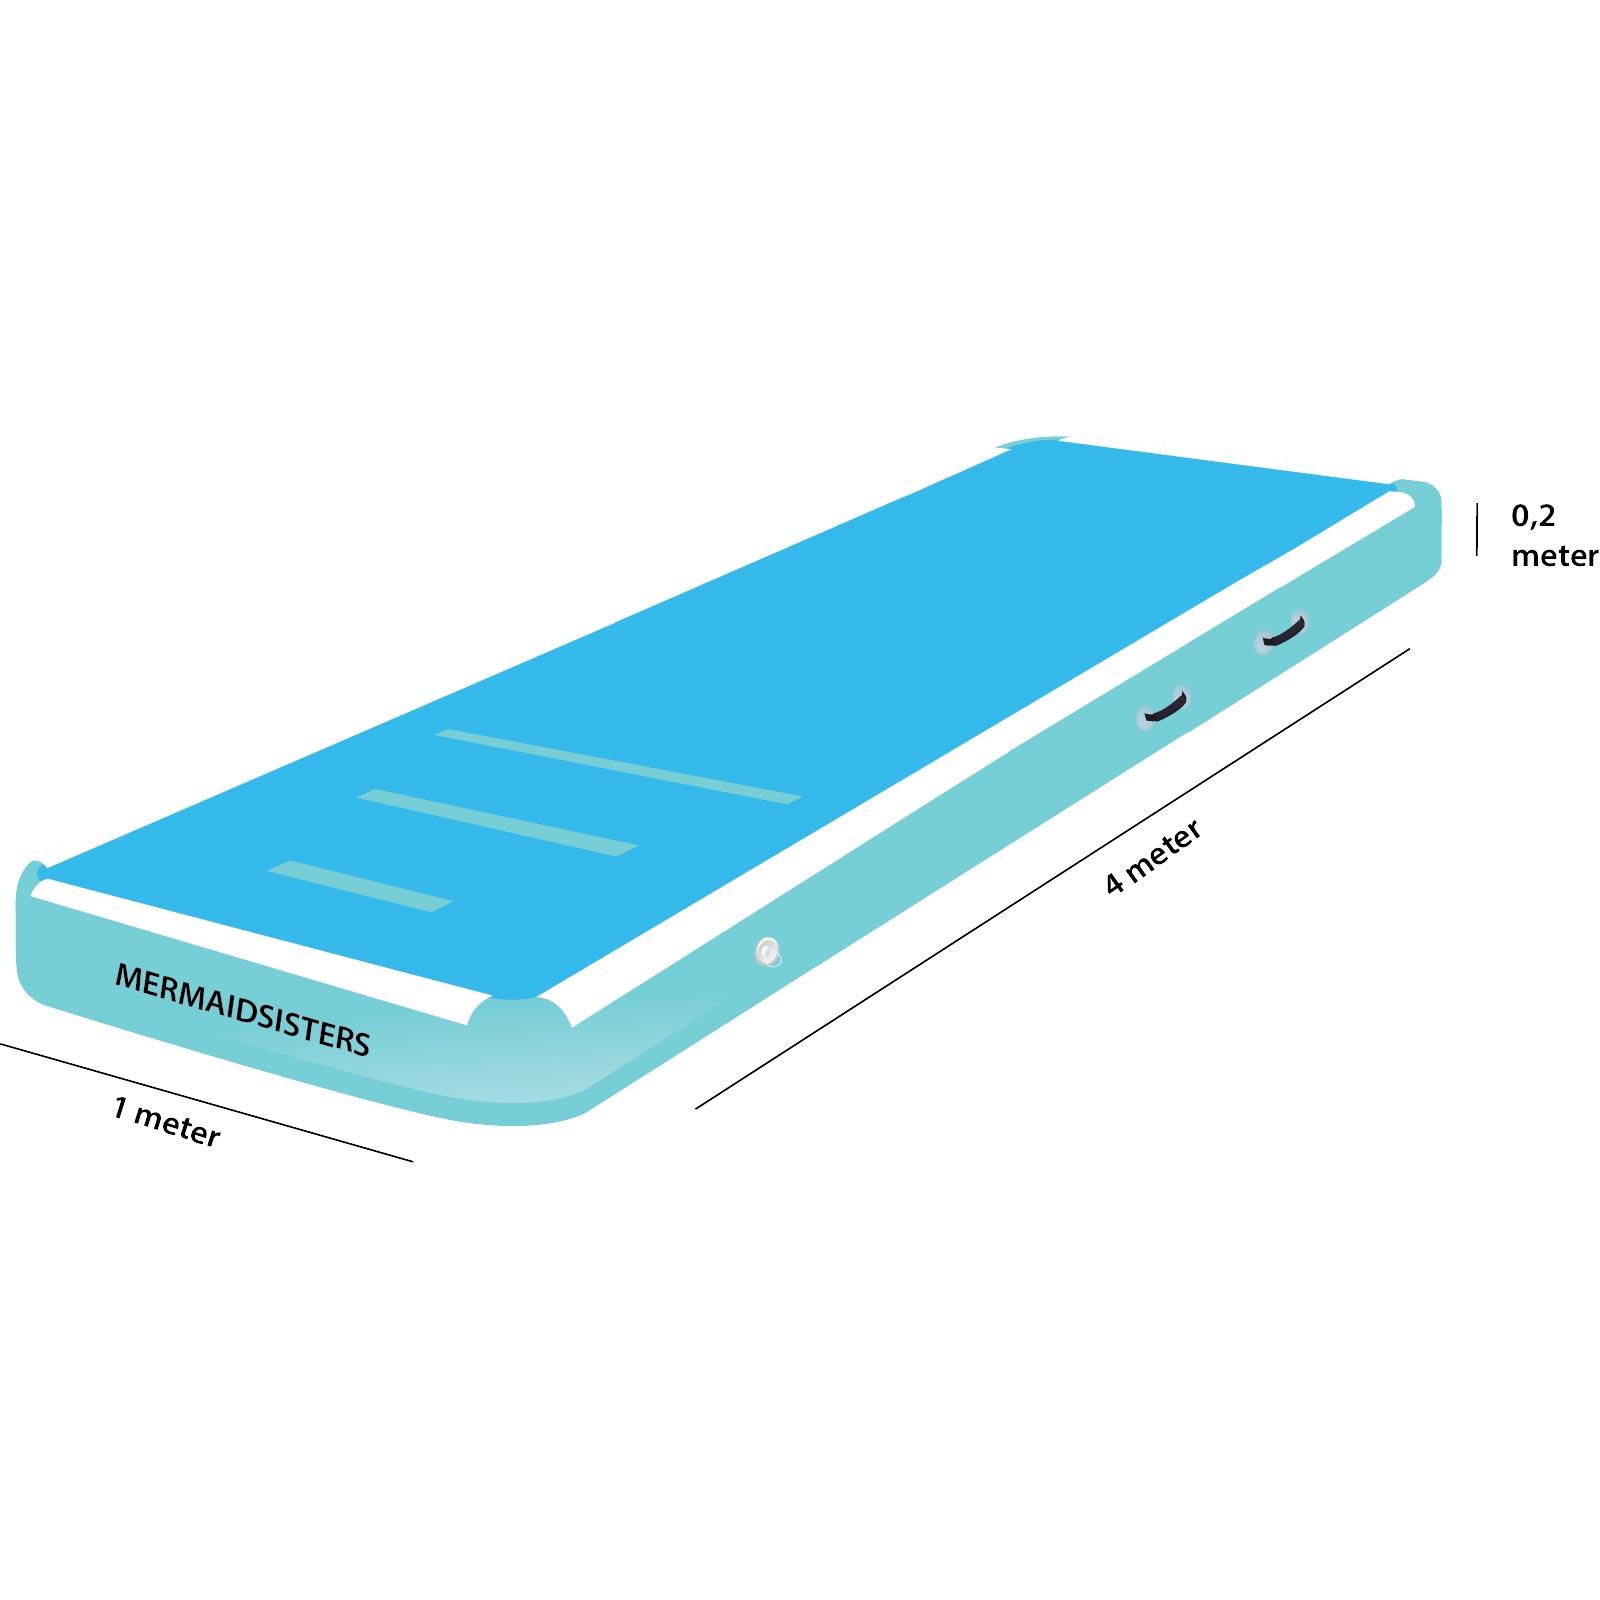 AirTrack 4 meter blauw 1 meter breed 20 cm hoog